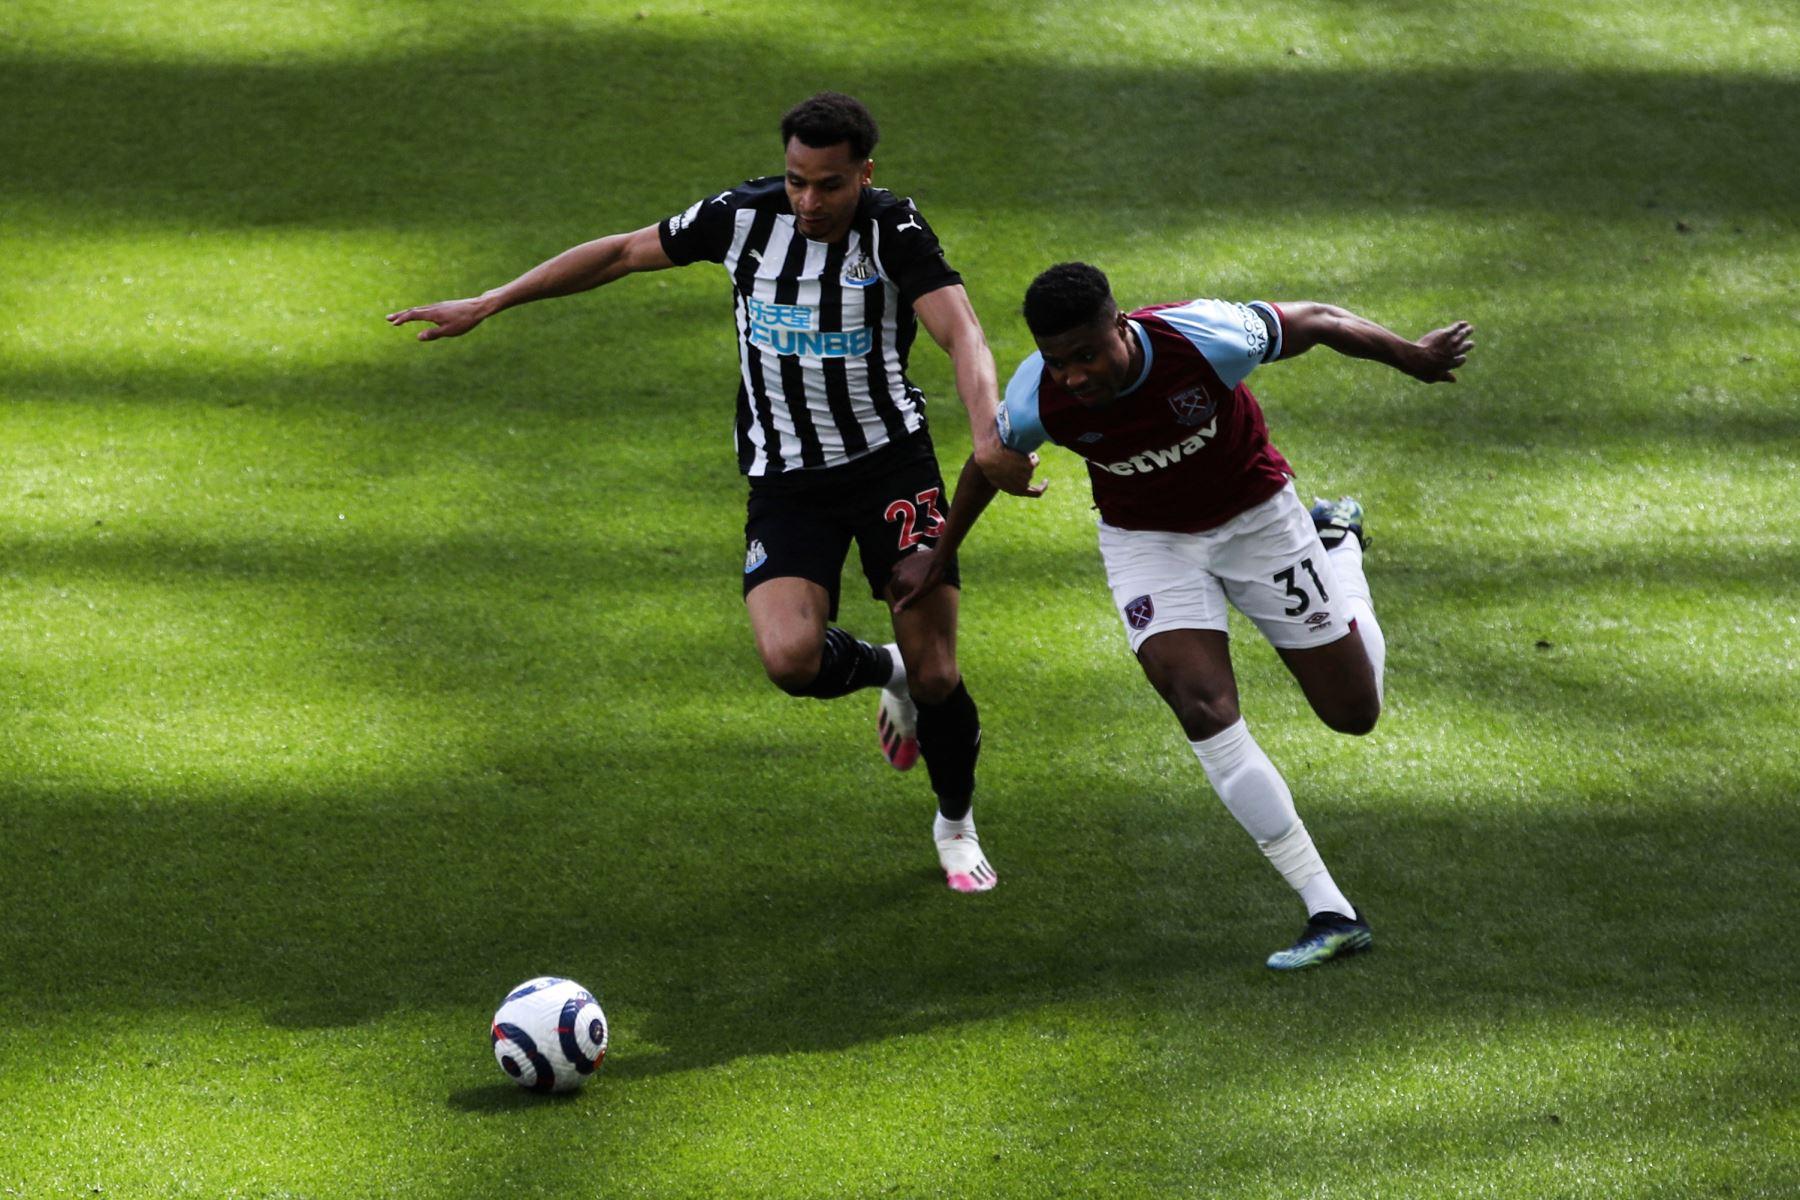 El centrocampista inglés del Newcastle United Jacob Murphy lucha por el balón con el defensor inglés del West Ham United Ben Johnson durante el partido de fútbol de la Premier League inglesa entre el Newcastle United y el West Ham United. Foto: AFP